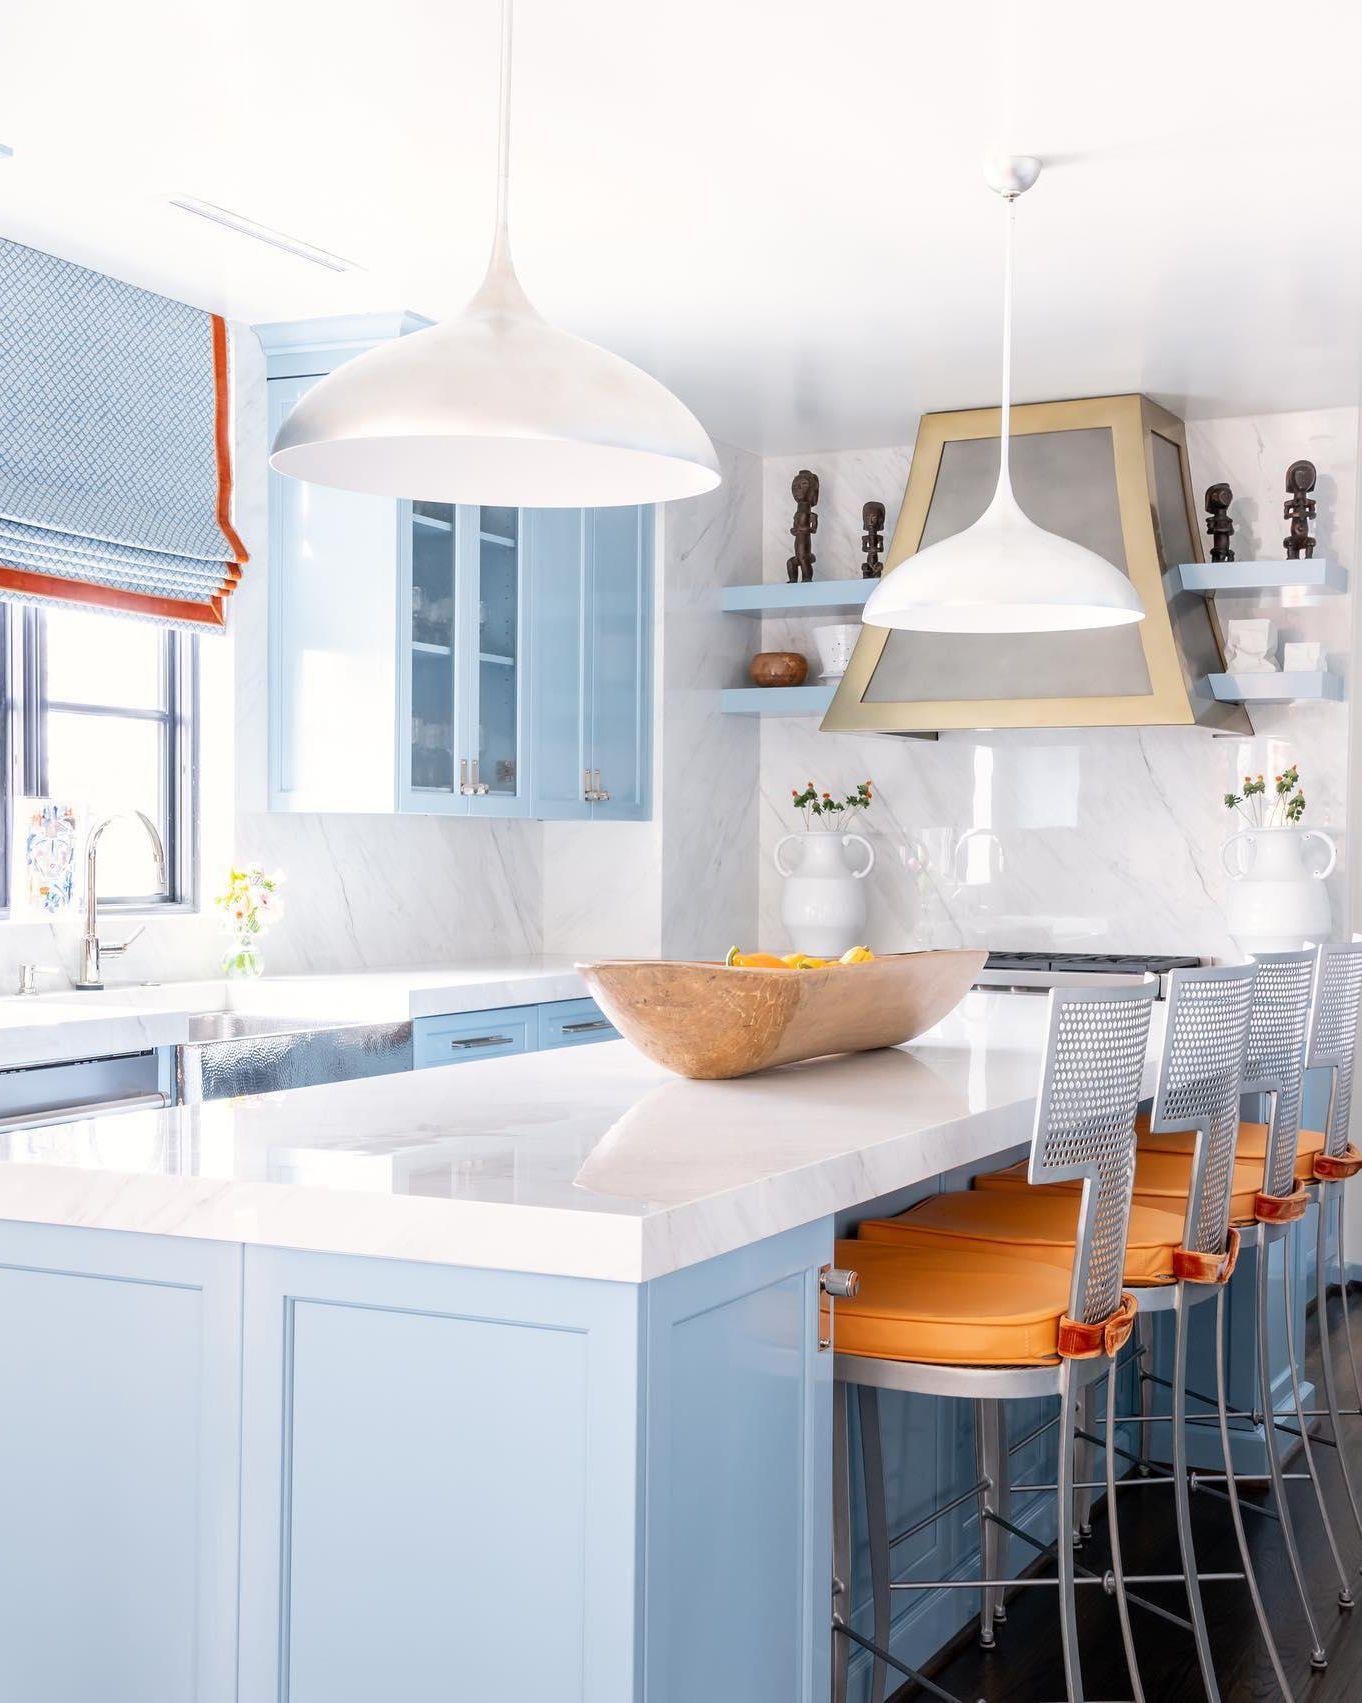 Blue And White Kitchen Inspiration White Kitchen Inspiration Kitchen Decor Kitchen Inspirations